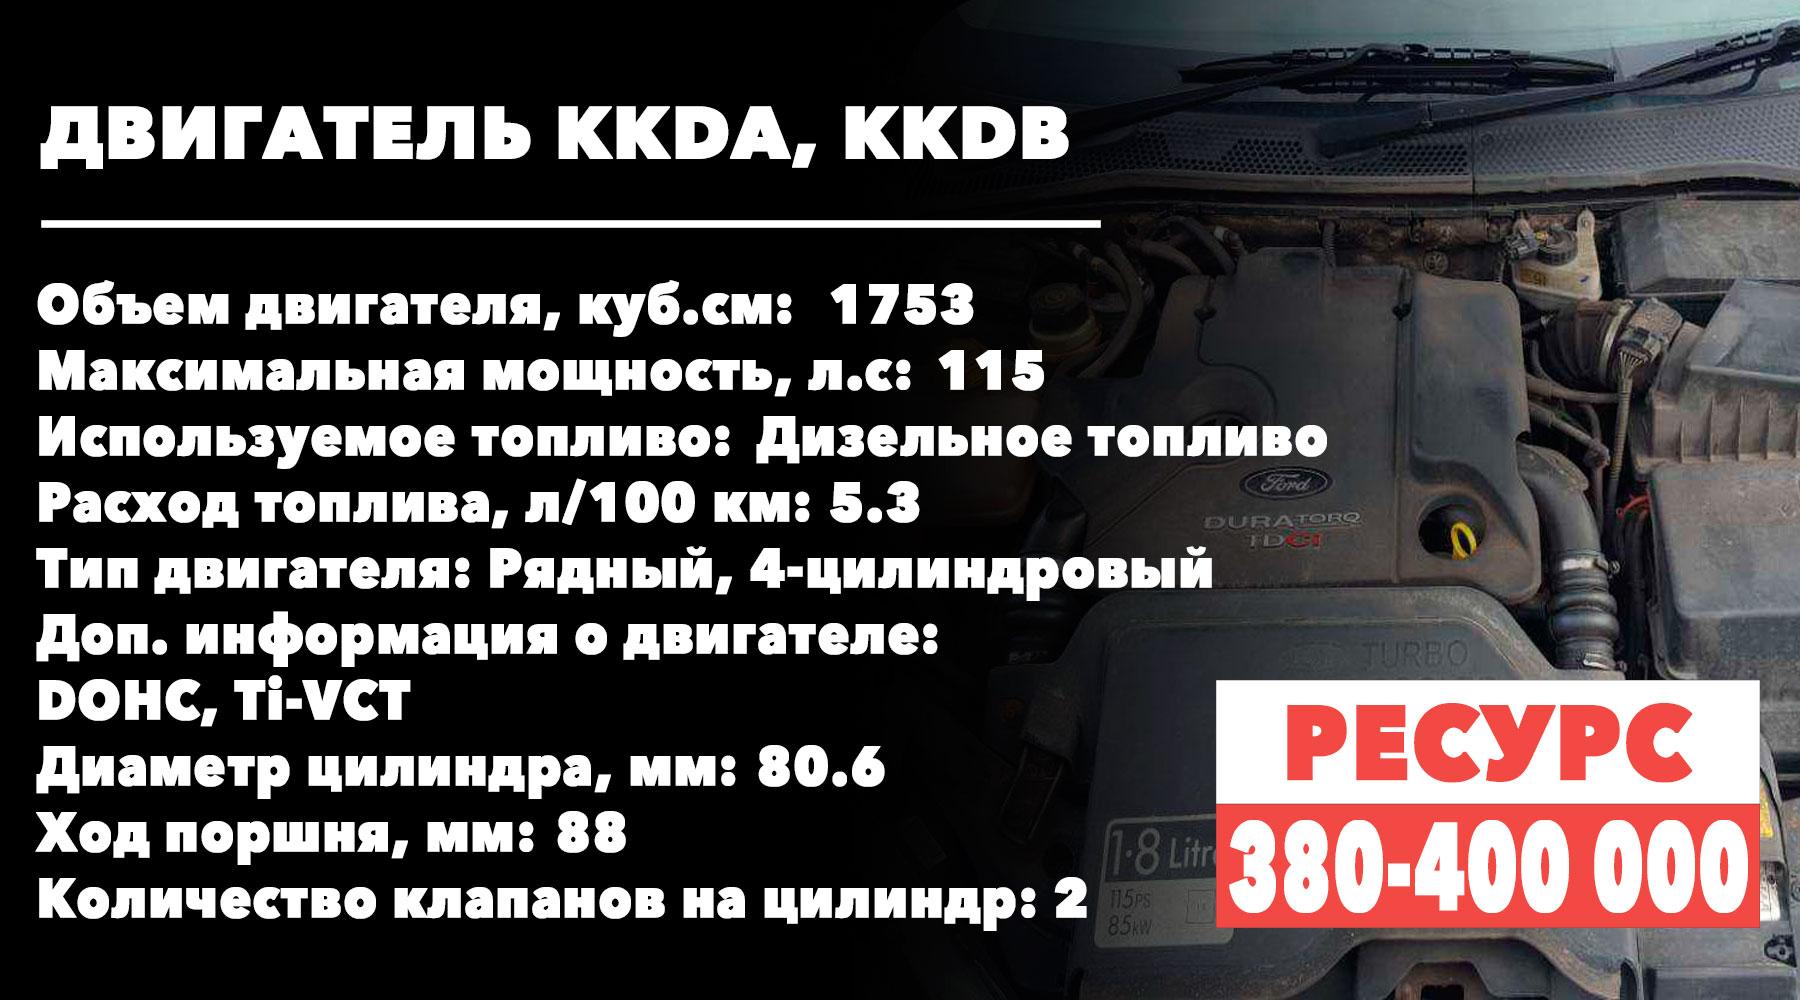 Потенциальный ресурс 1.8 литровых моторов (KKDA, KKDB)